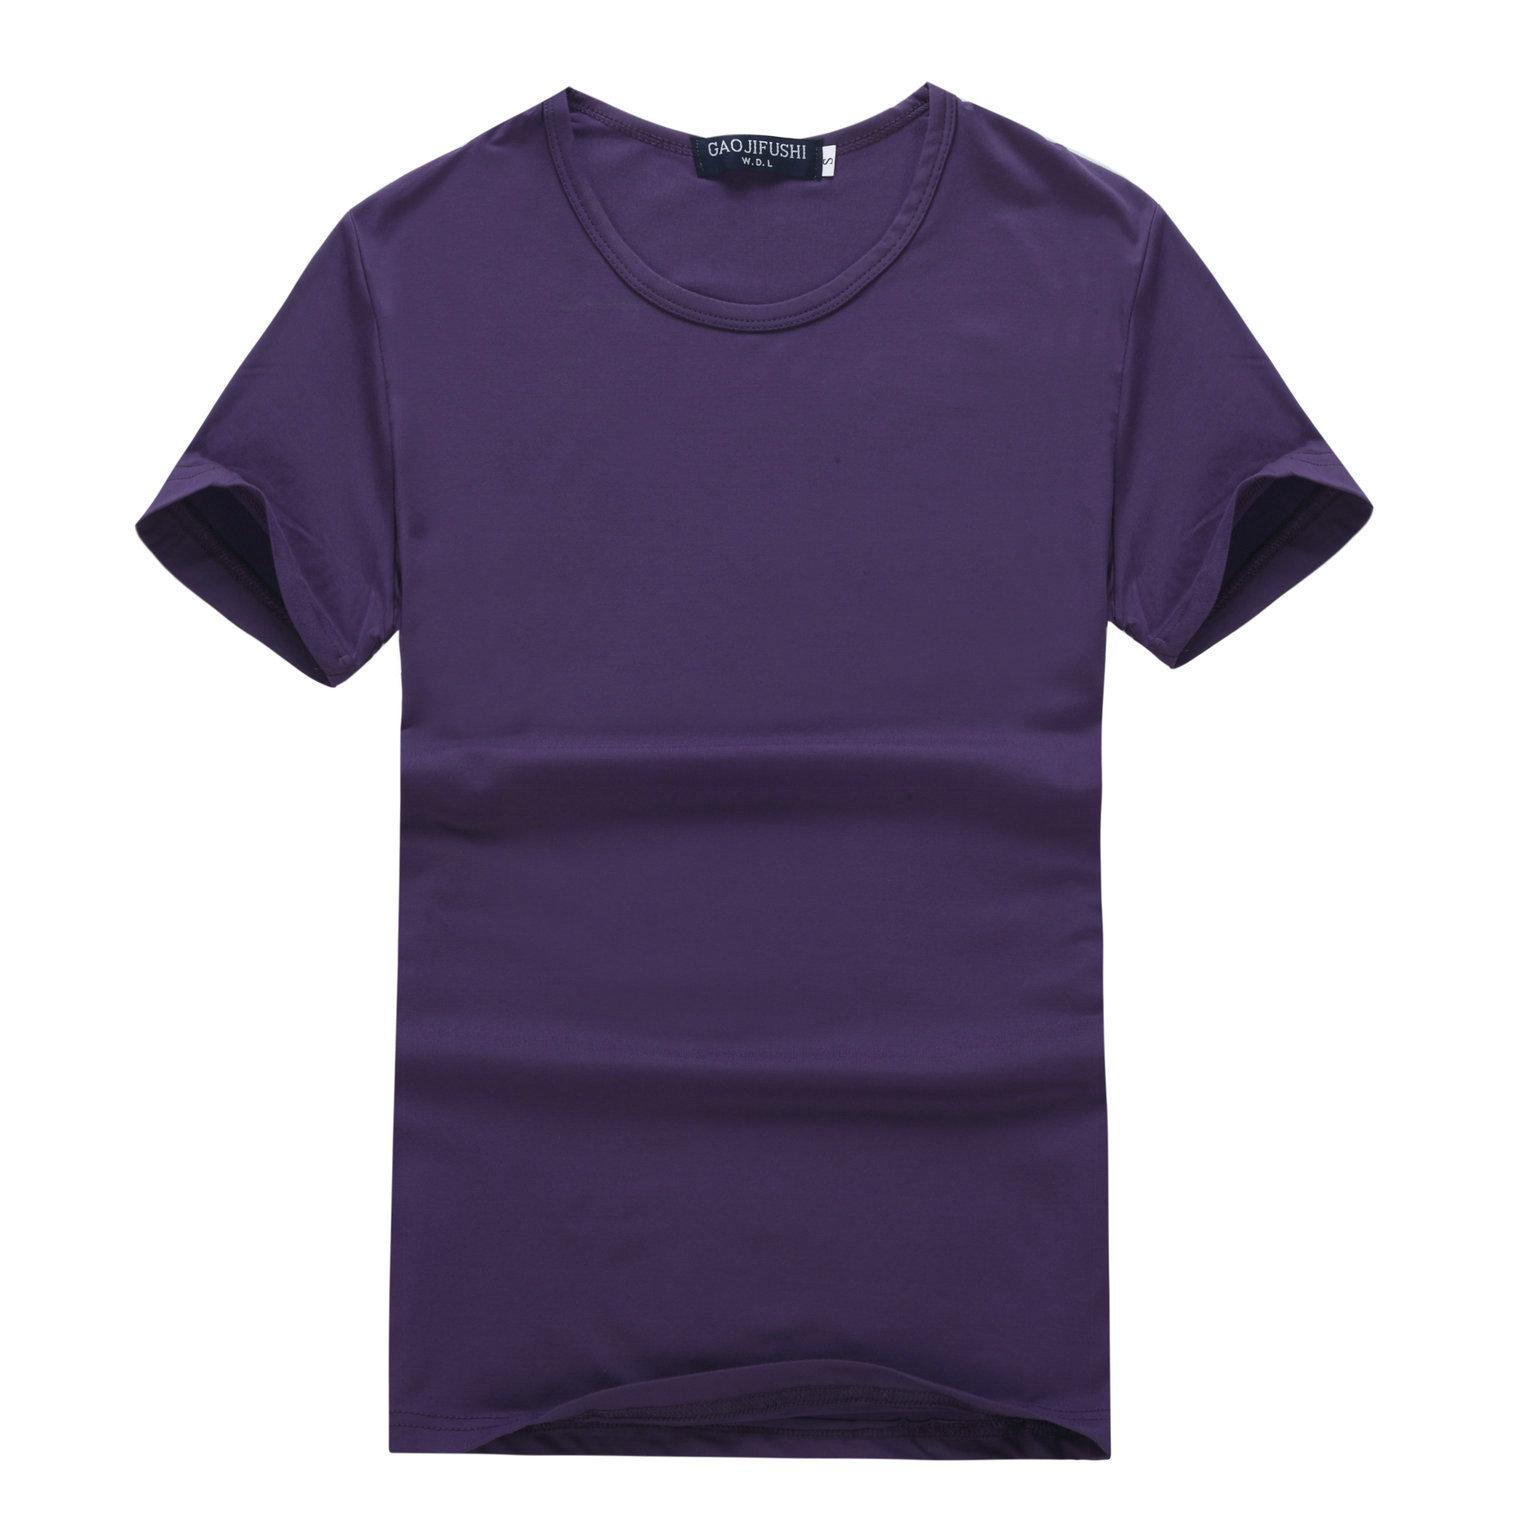 时尚都市青年莫代尔短袖运动t恤休闲男式T恤圆领纯色青年定制DIY